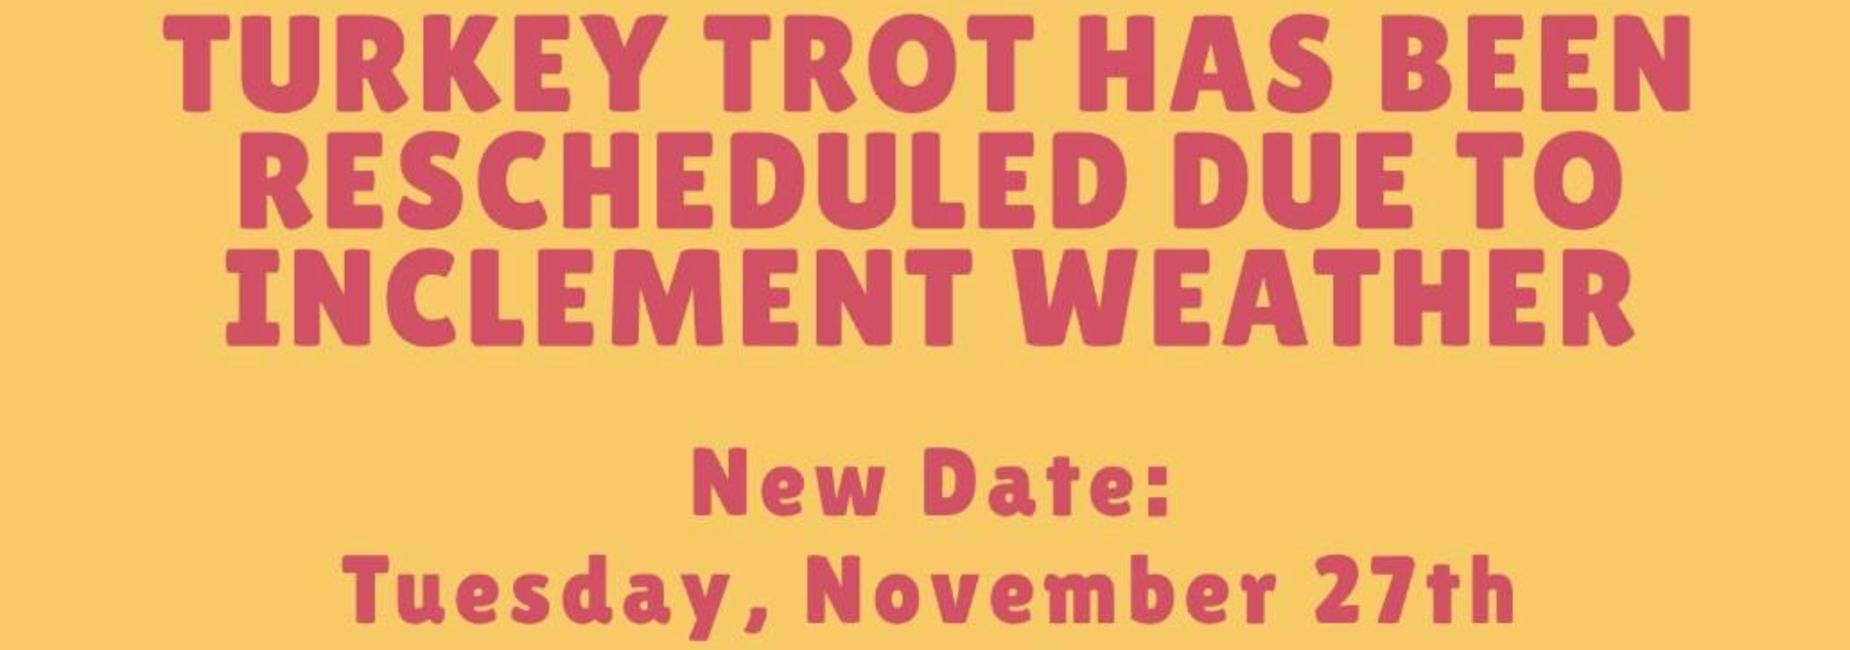 Turkey Trot Rescheduled